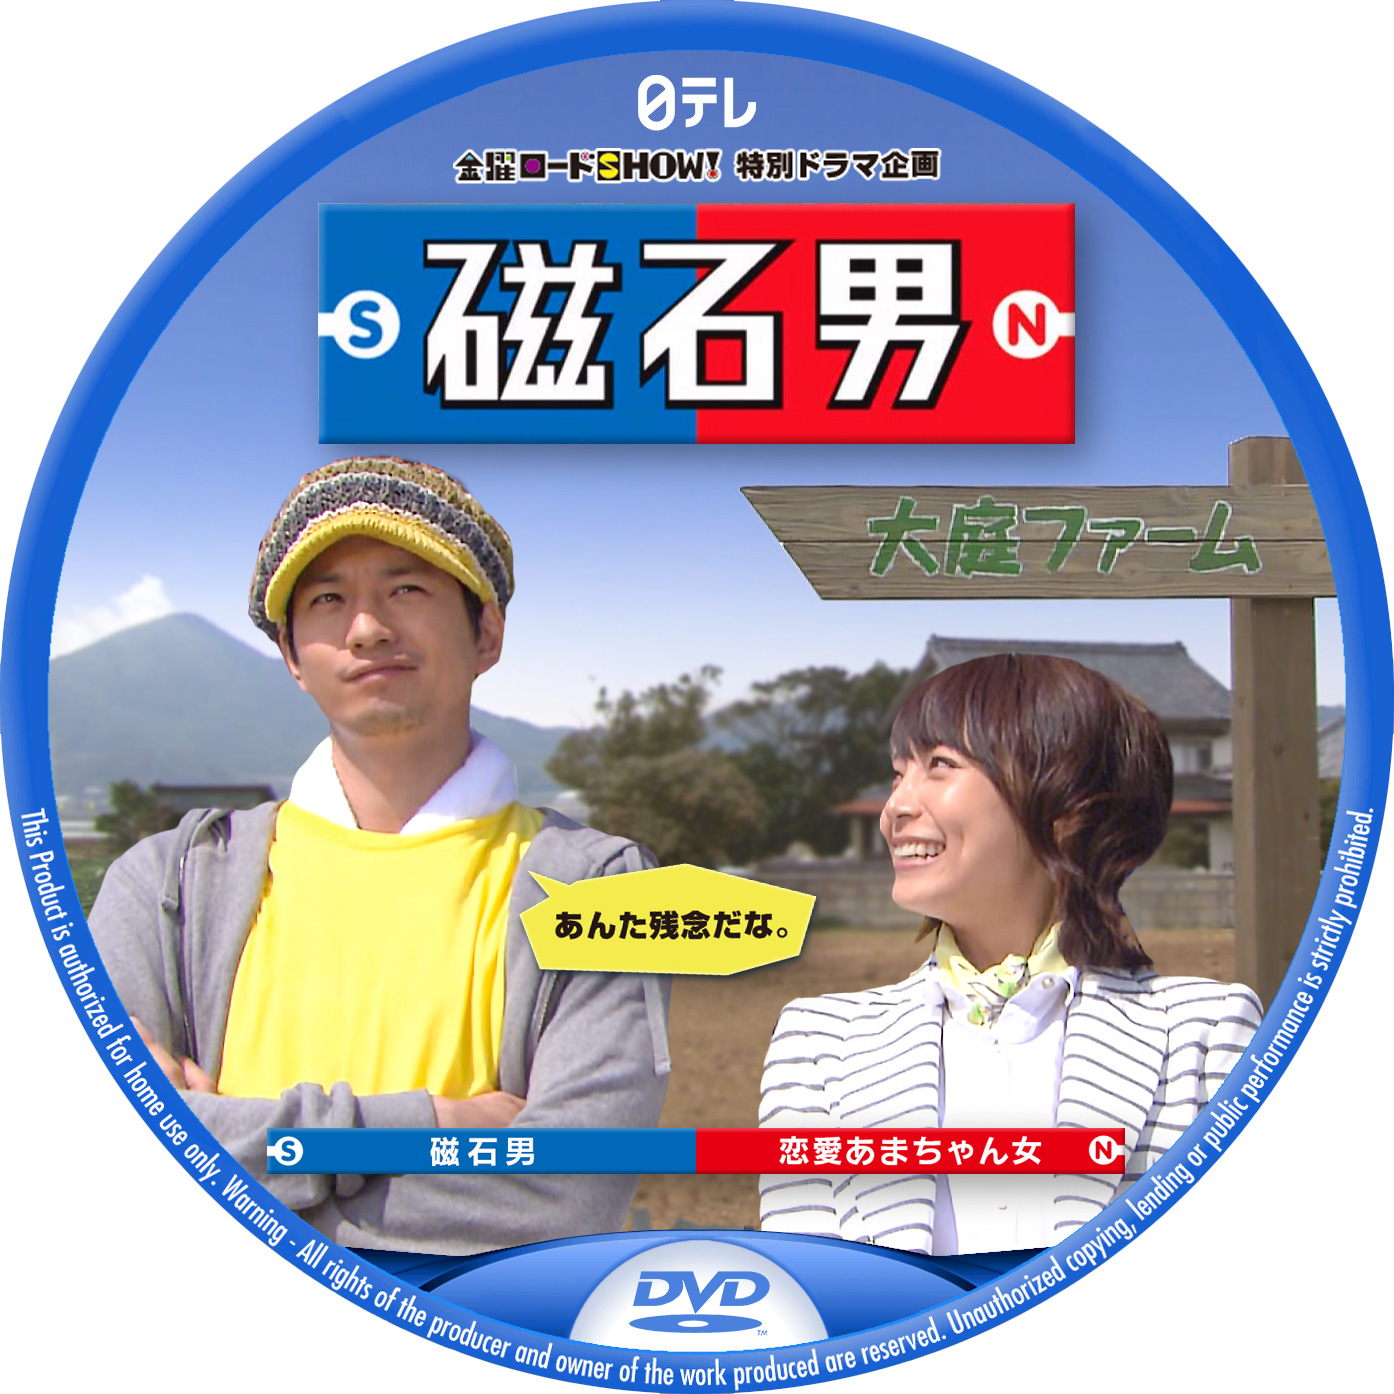 磁石男 向井理 相武紗季 DVD ラベル